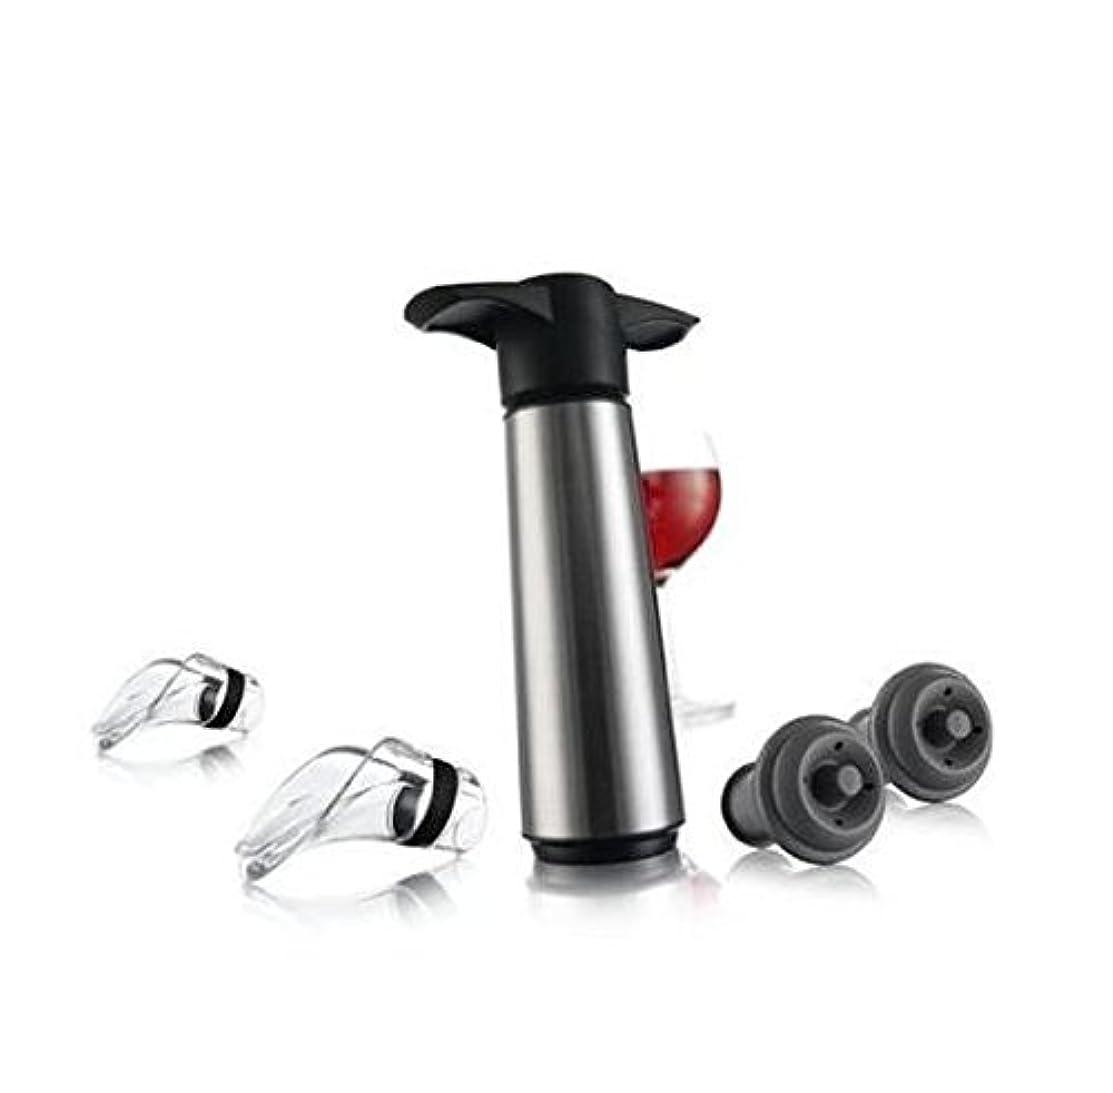 引数渇き誰がワインストッパー 真空ポンプで ボトルストッパー ワインキャップ 替栓 酸化を防 新鮮キープ トルキャップ ???????? ??????????? ???? バー用品 真空式 ハート形 テイパード ゴム ステンレス バキュームポンプ ワインセーバー セット4個